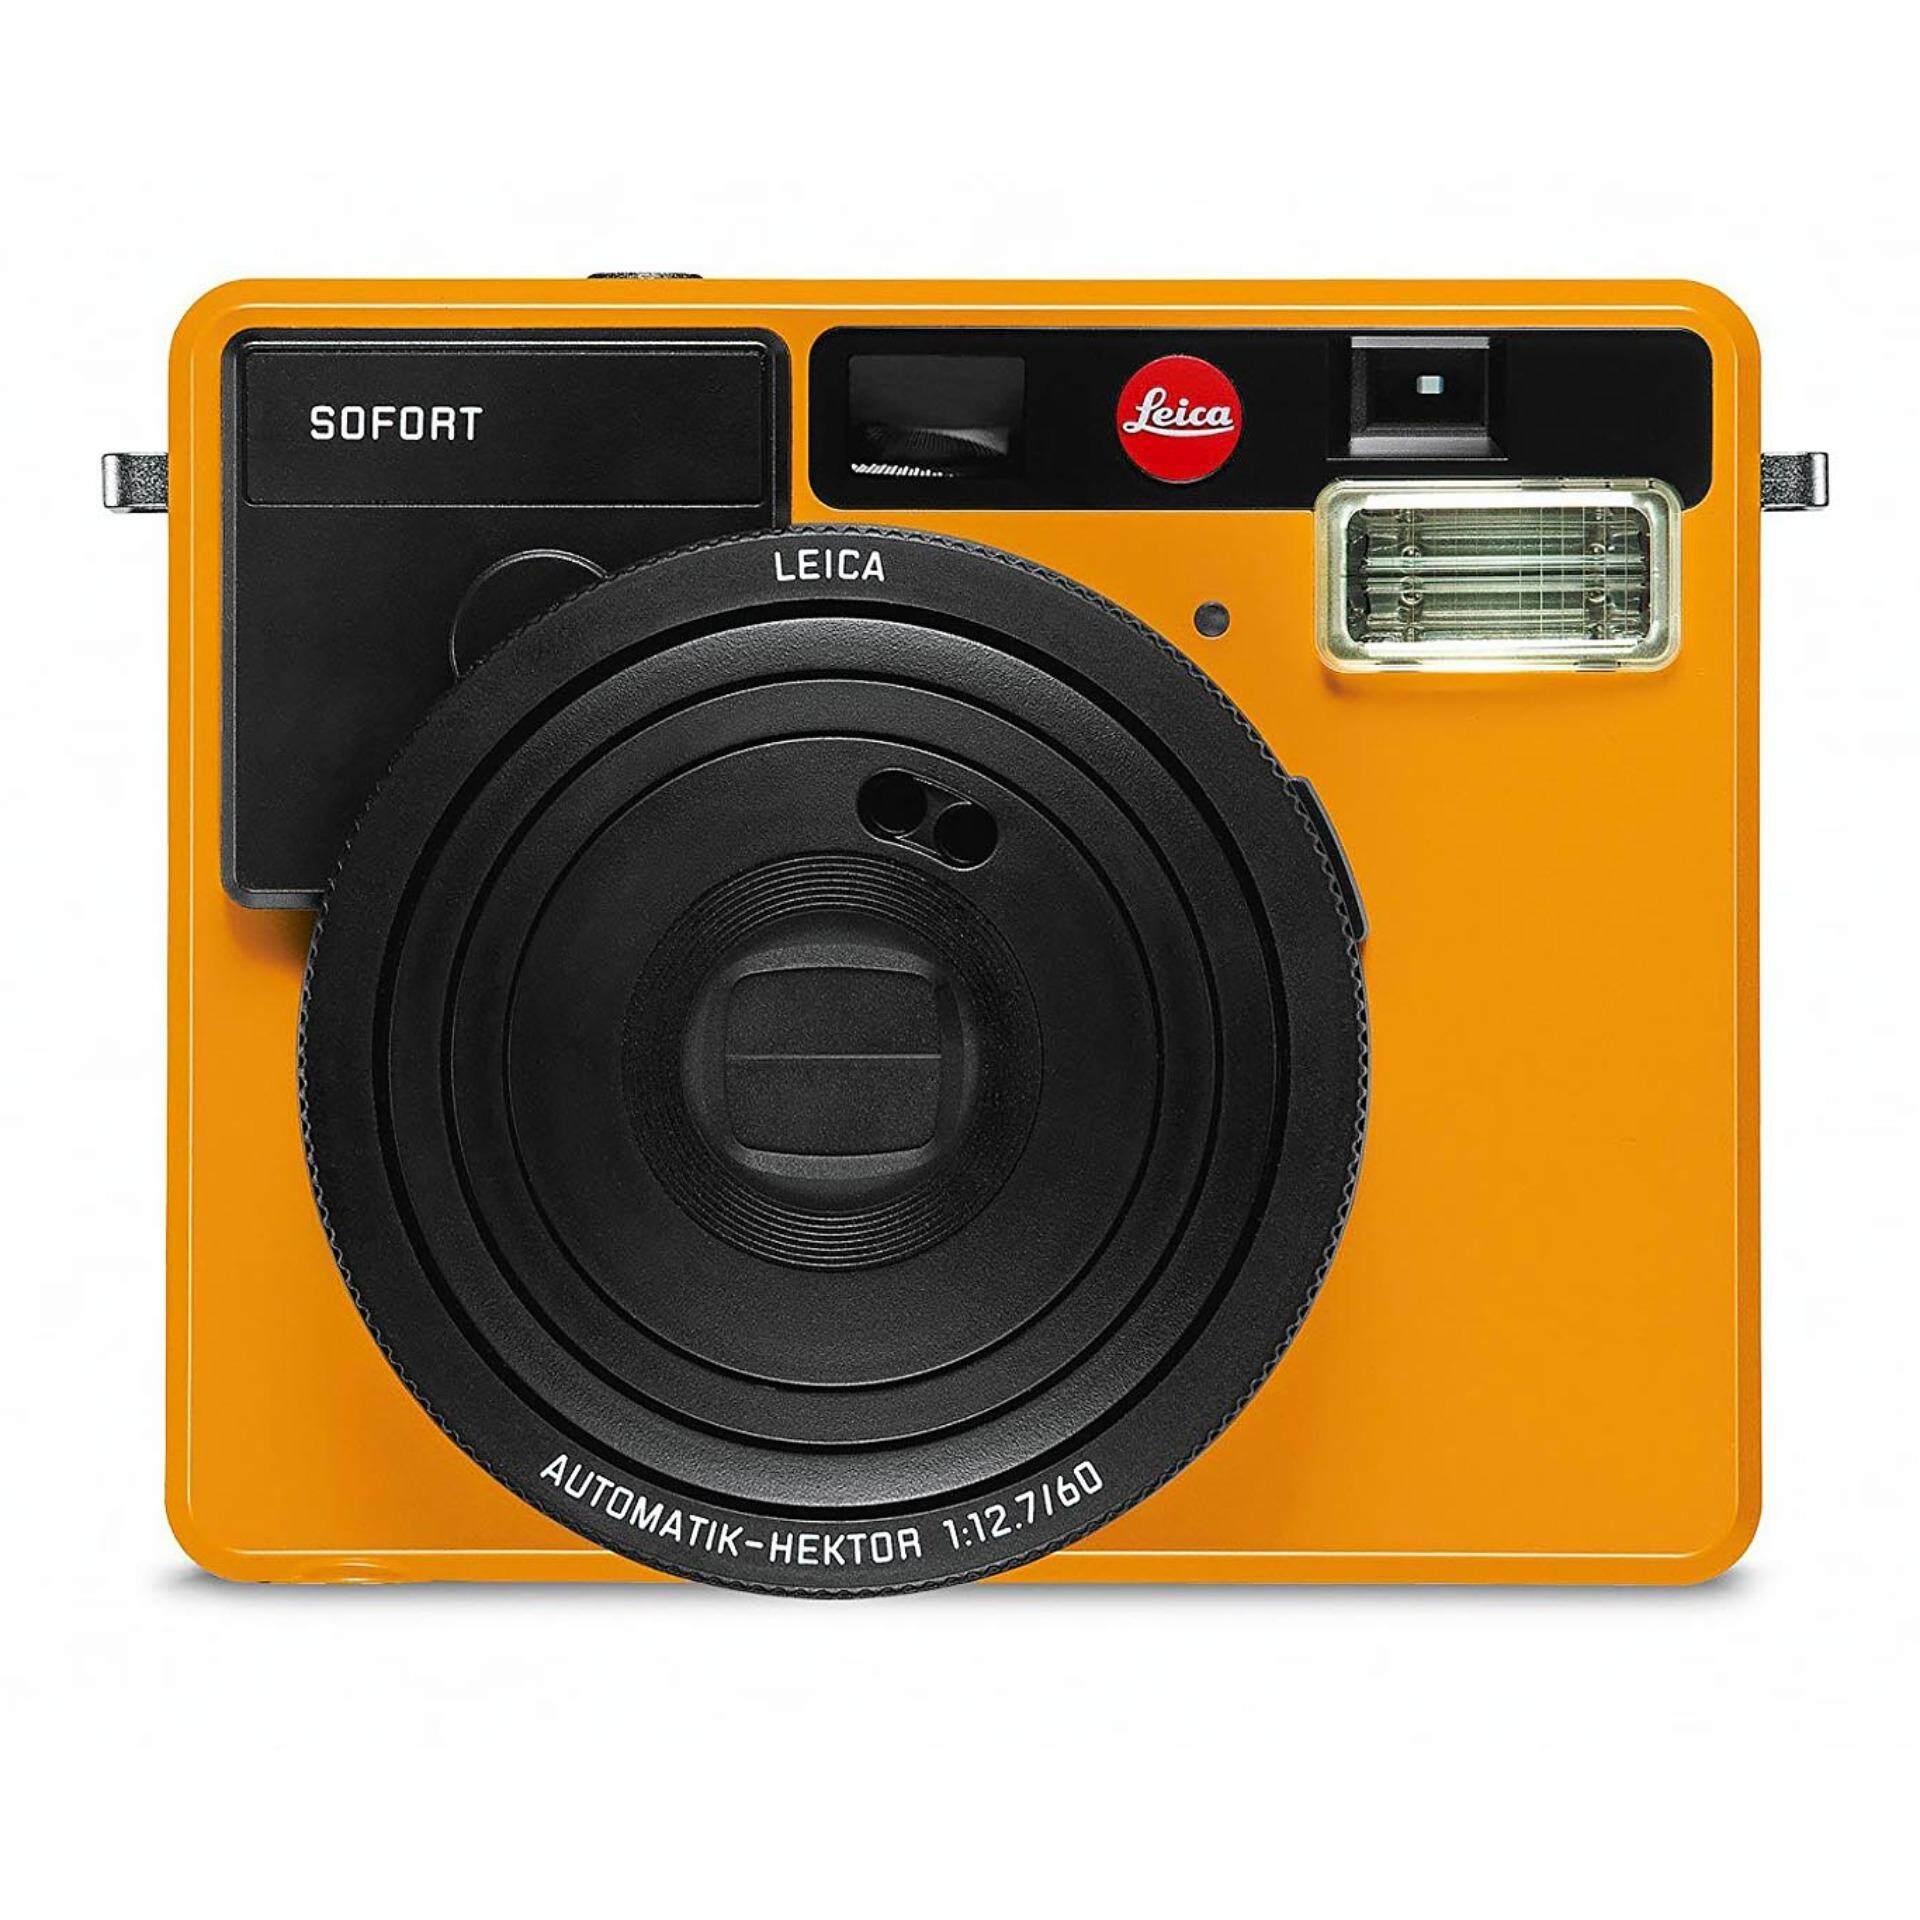 กล้องอินสแตนท์ /กล้องโพลารอยด์ Leica Sofort Instant Film Camera (ประกันศูนย์) /polaroid Camera.